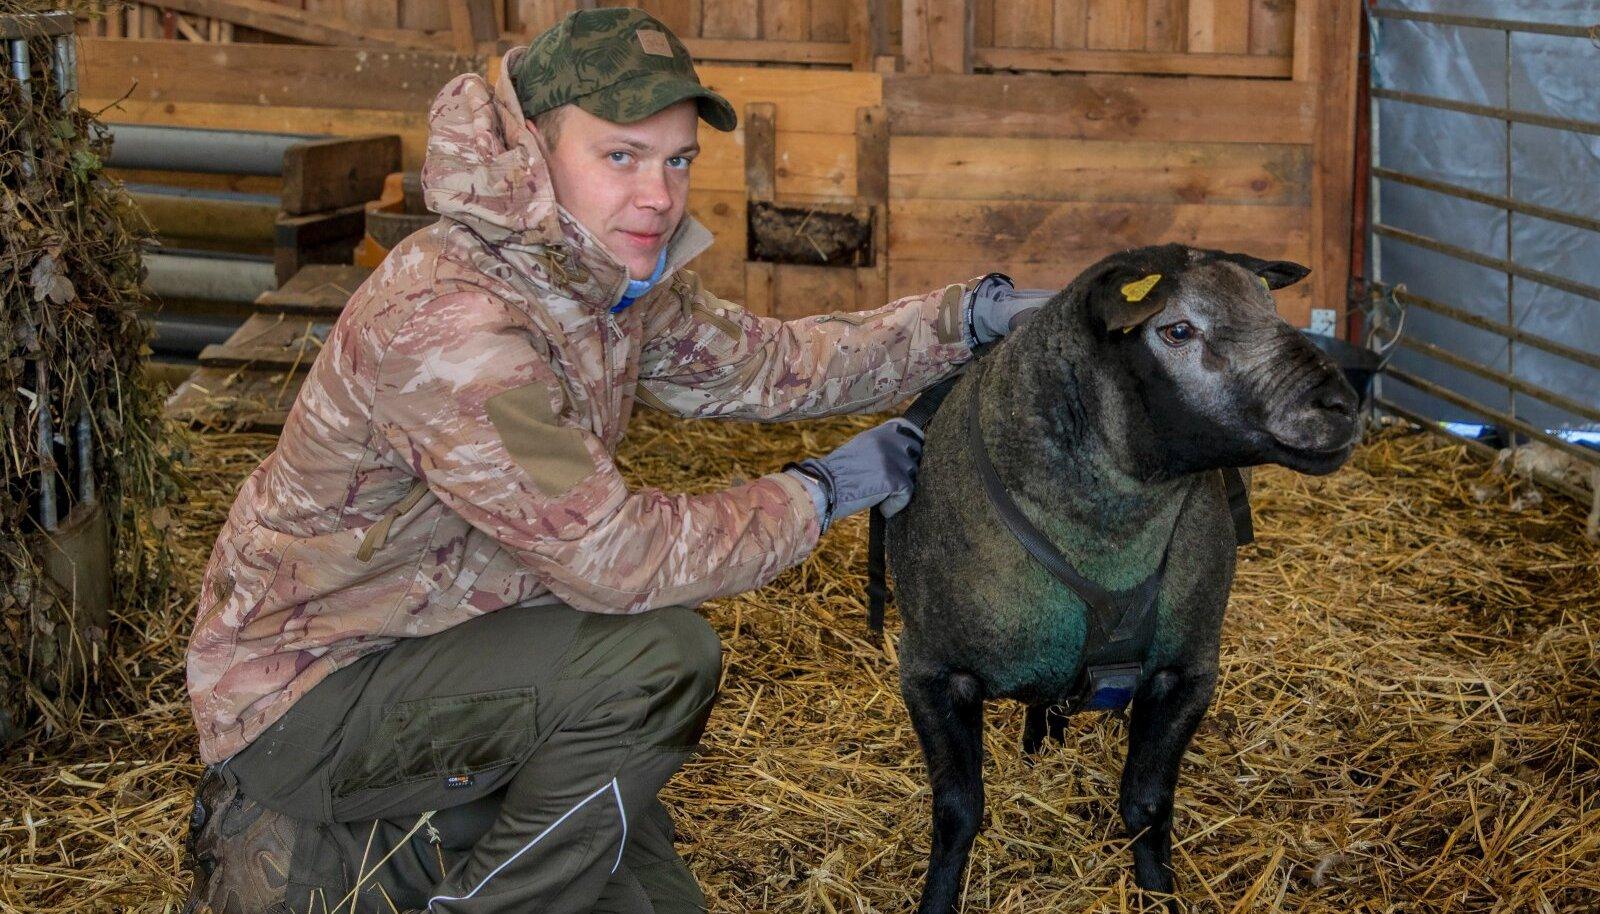 """""""Elus tuleb ikka seda teha, mis endale meeldib, mina valisin maaettevõtluse ja lambakasvatuse,"""" teatab lihatehnoloogiks õppinud Priidu Veersalu oma talulaudas. Pildil koos sinise tekseli tõujääraga."""